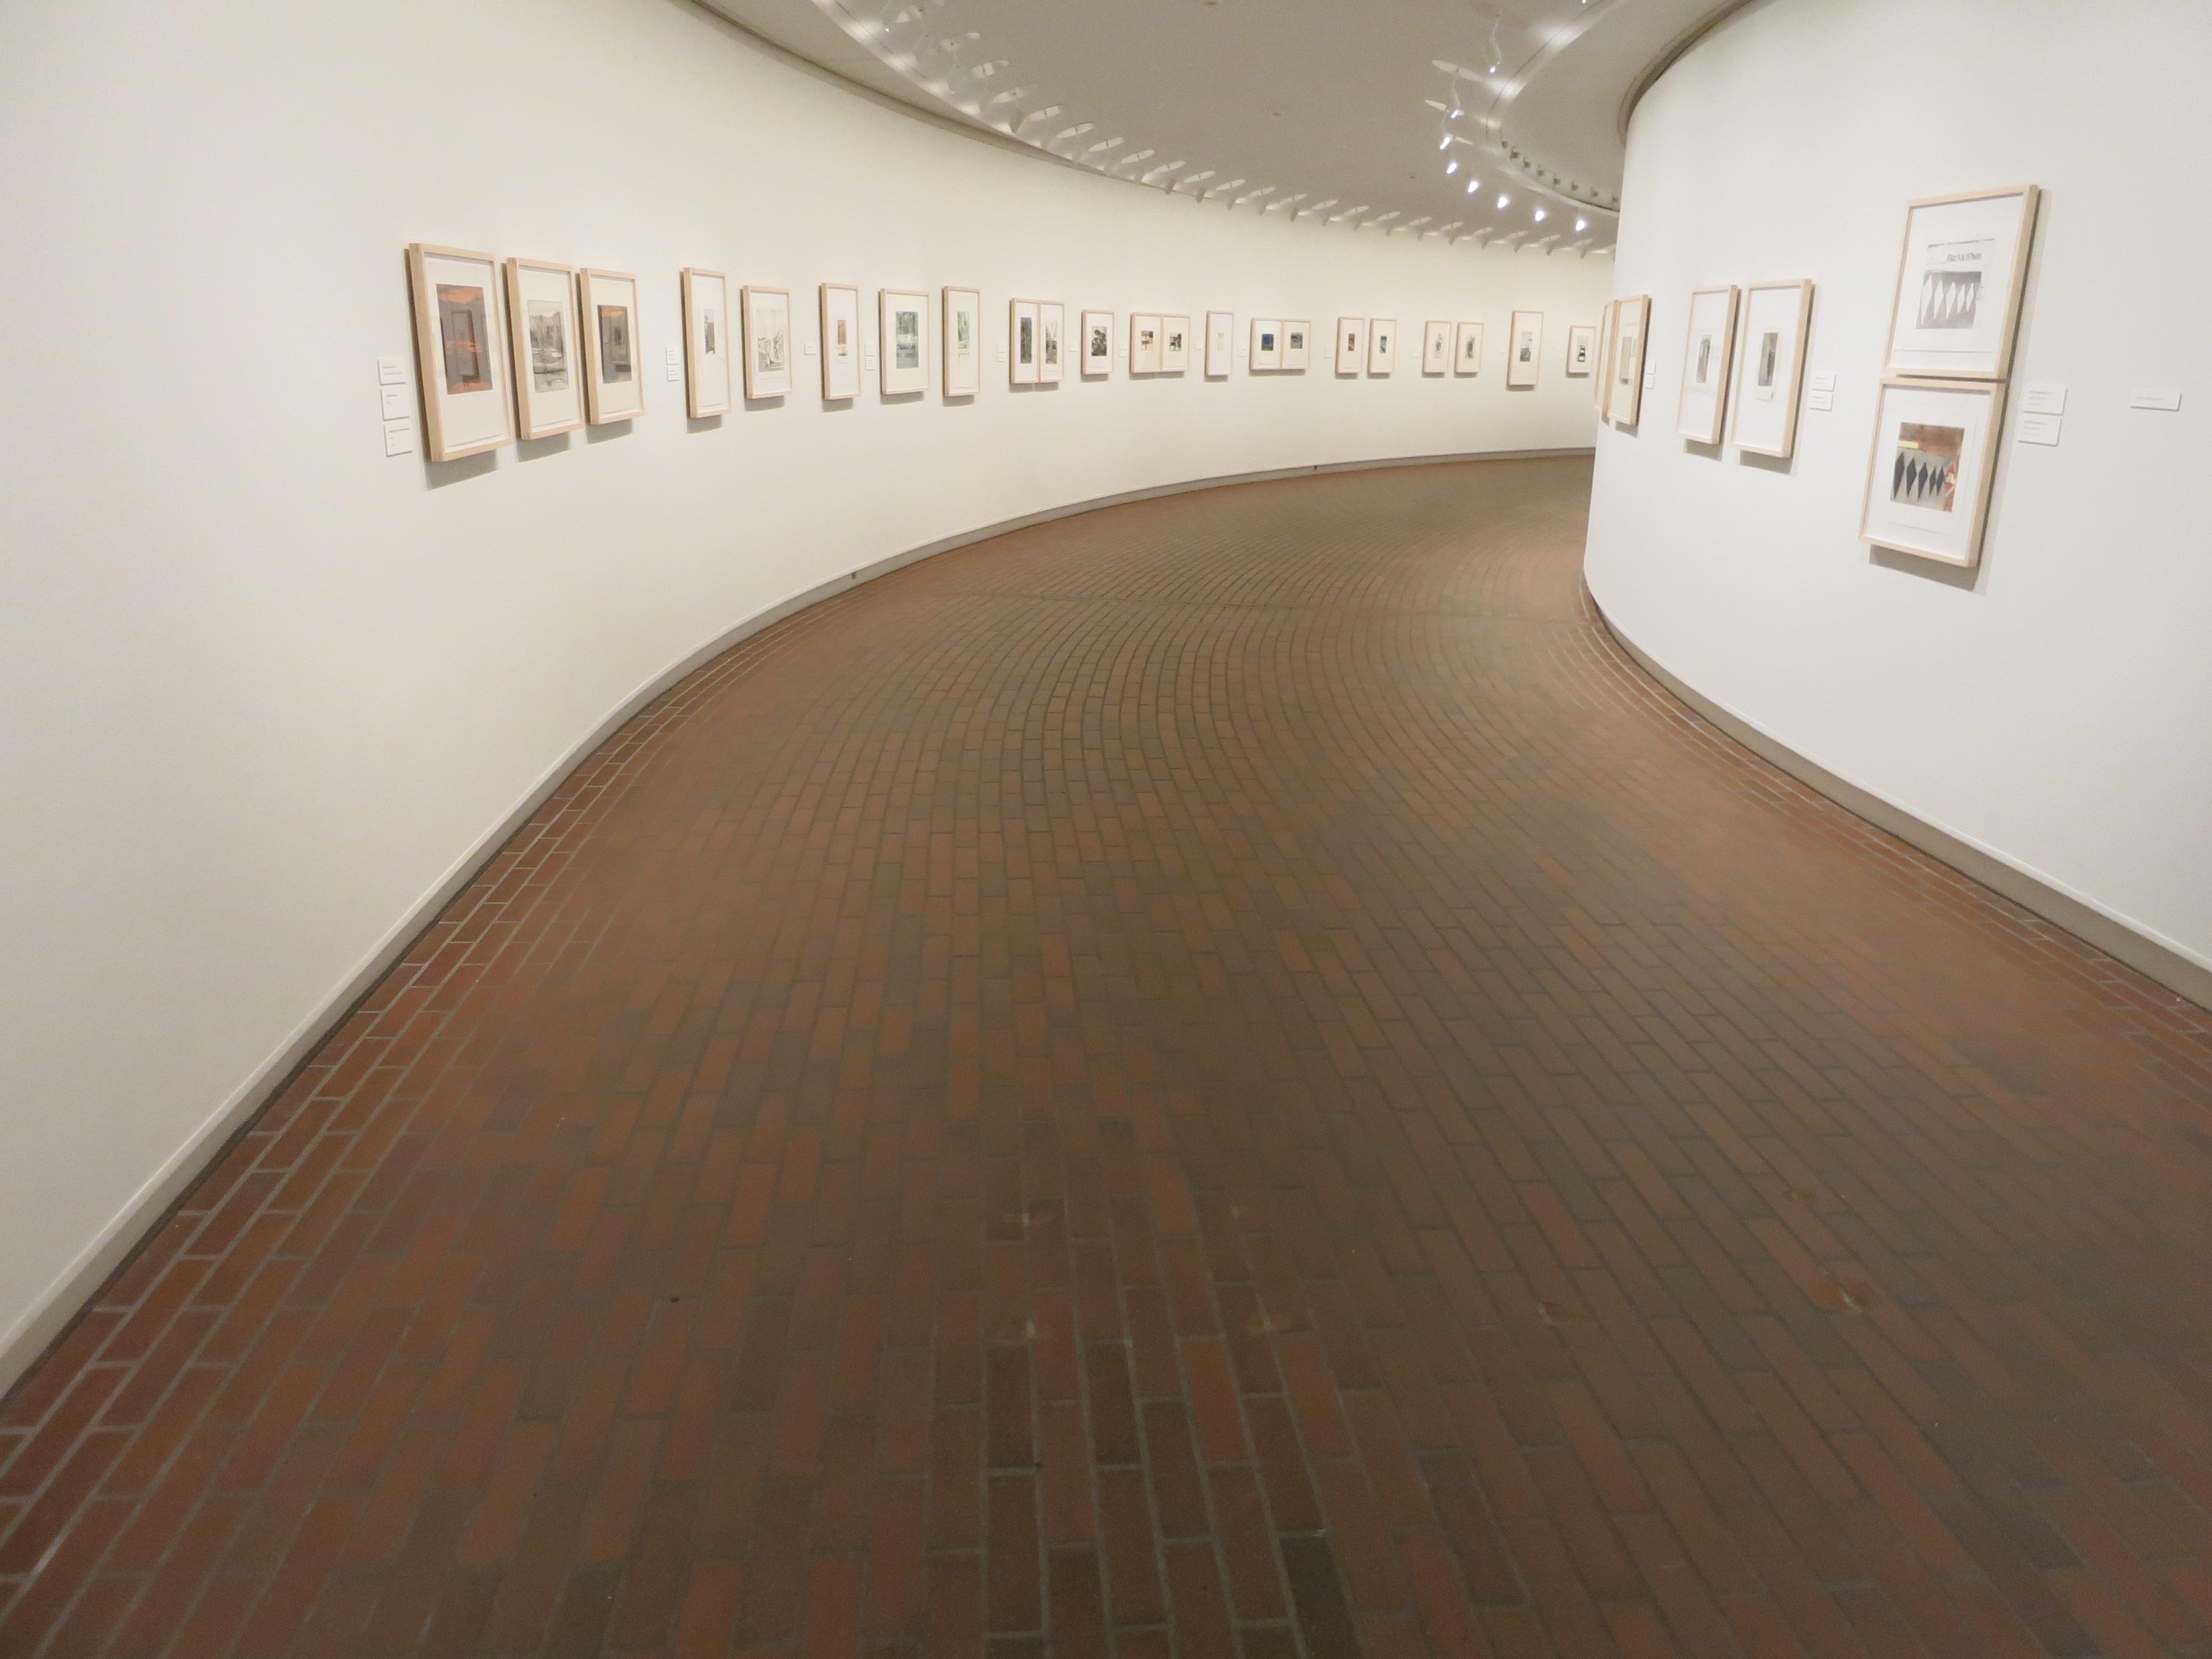 무료 이미지 : 건축물, 목재, 건물, 천장, 박물관, 미술, 견목 ...